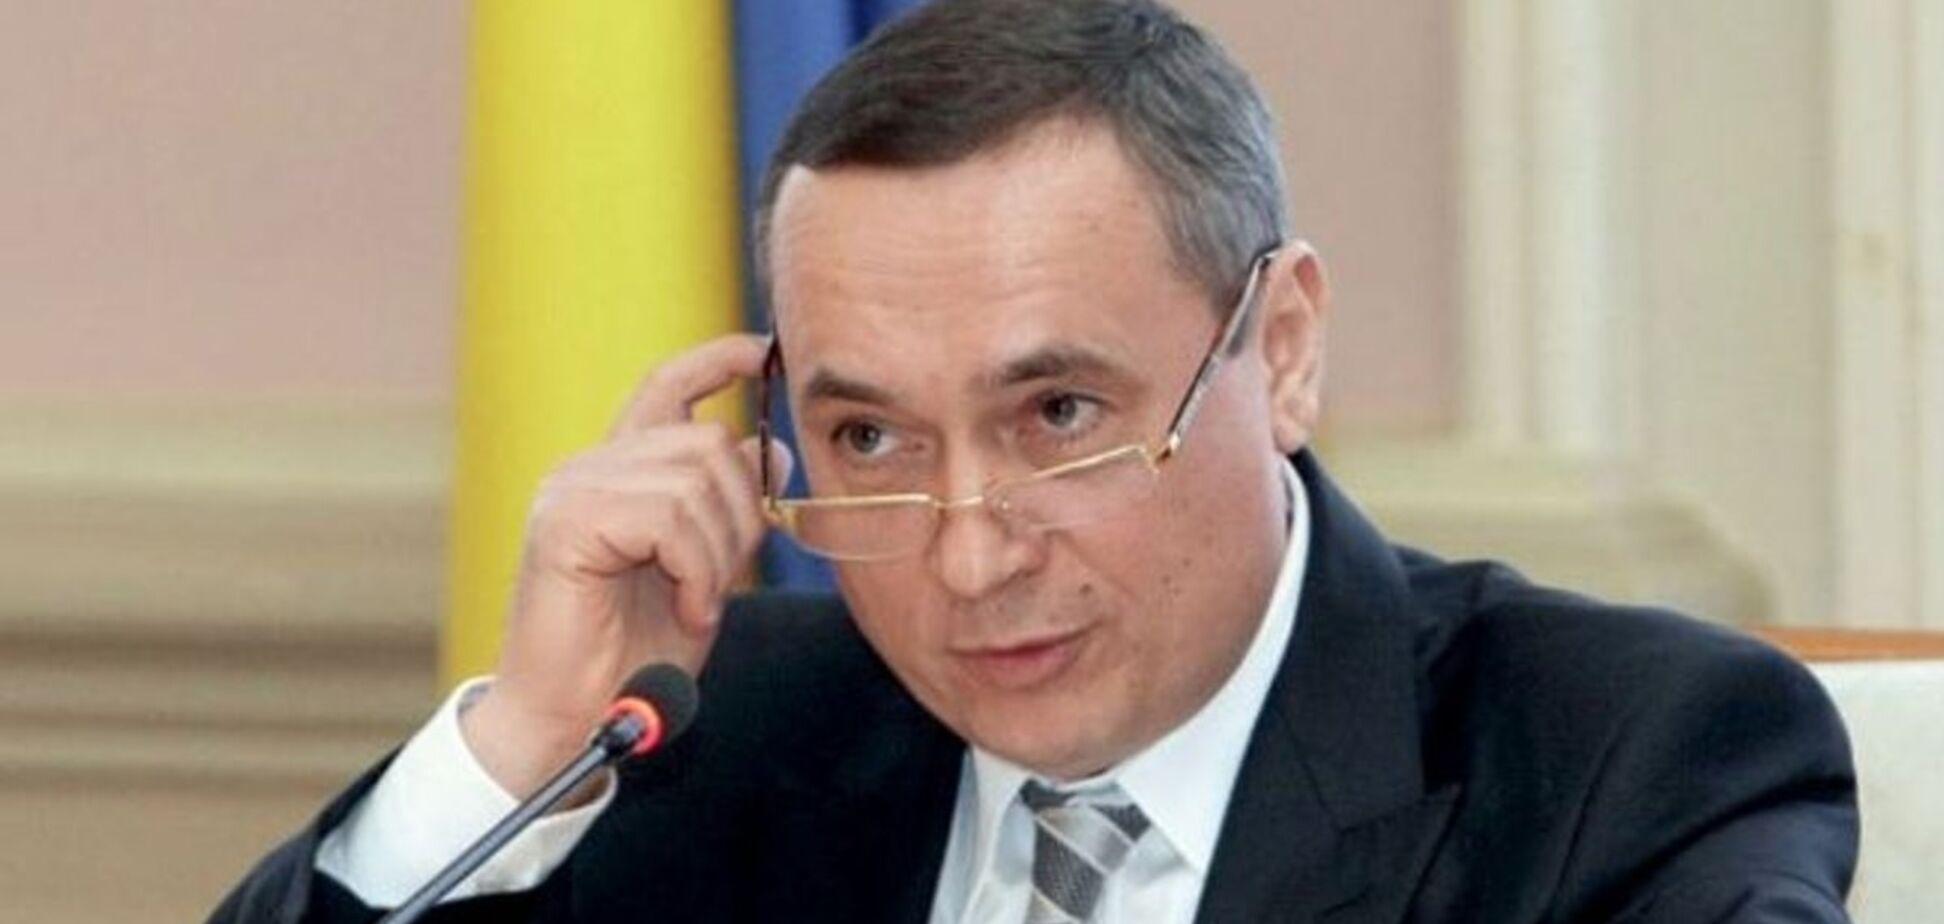 Миколу Мартиненка засудили до 28 місяців в'язниці